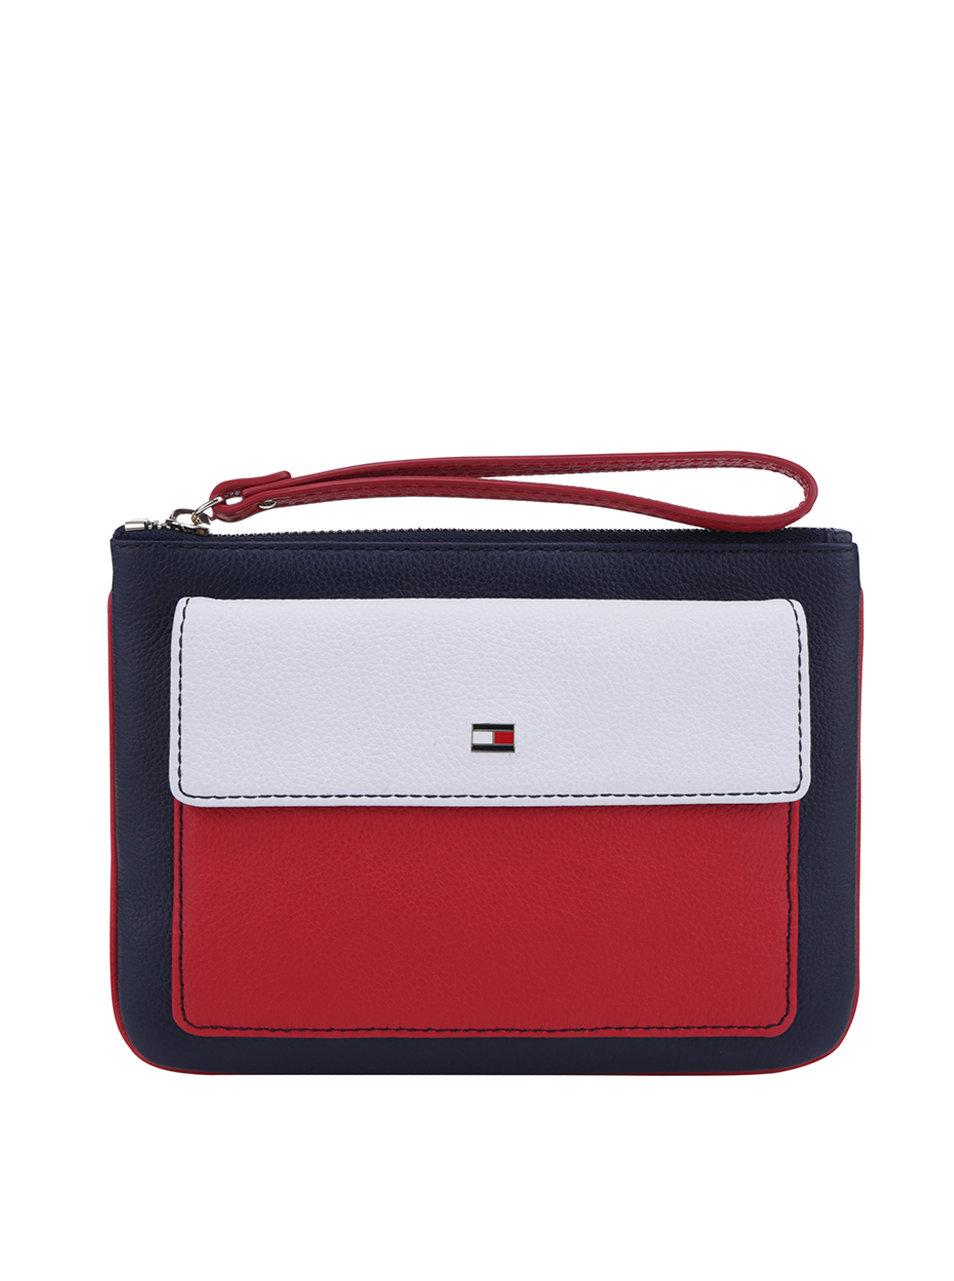 Červeno-modrá kožená listová kabelka Tommy Hilfiger Basic ... 880eaed397a